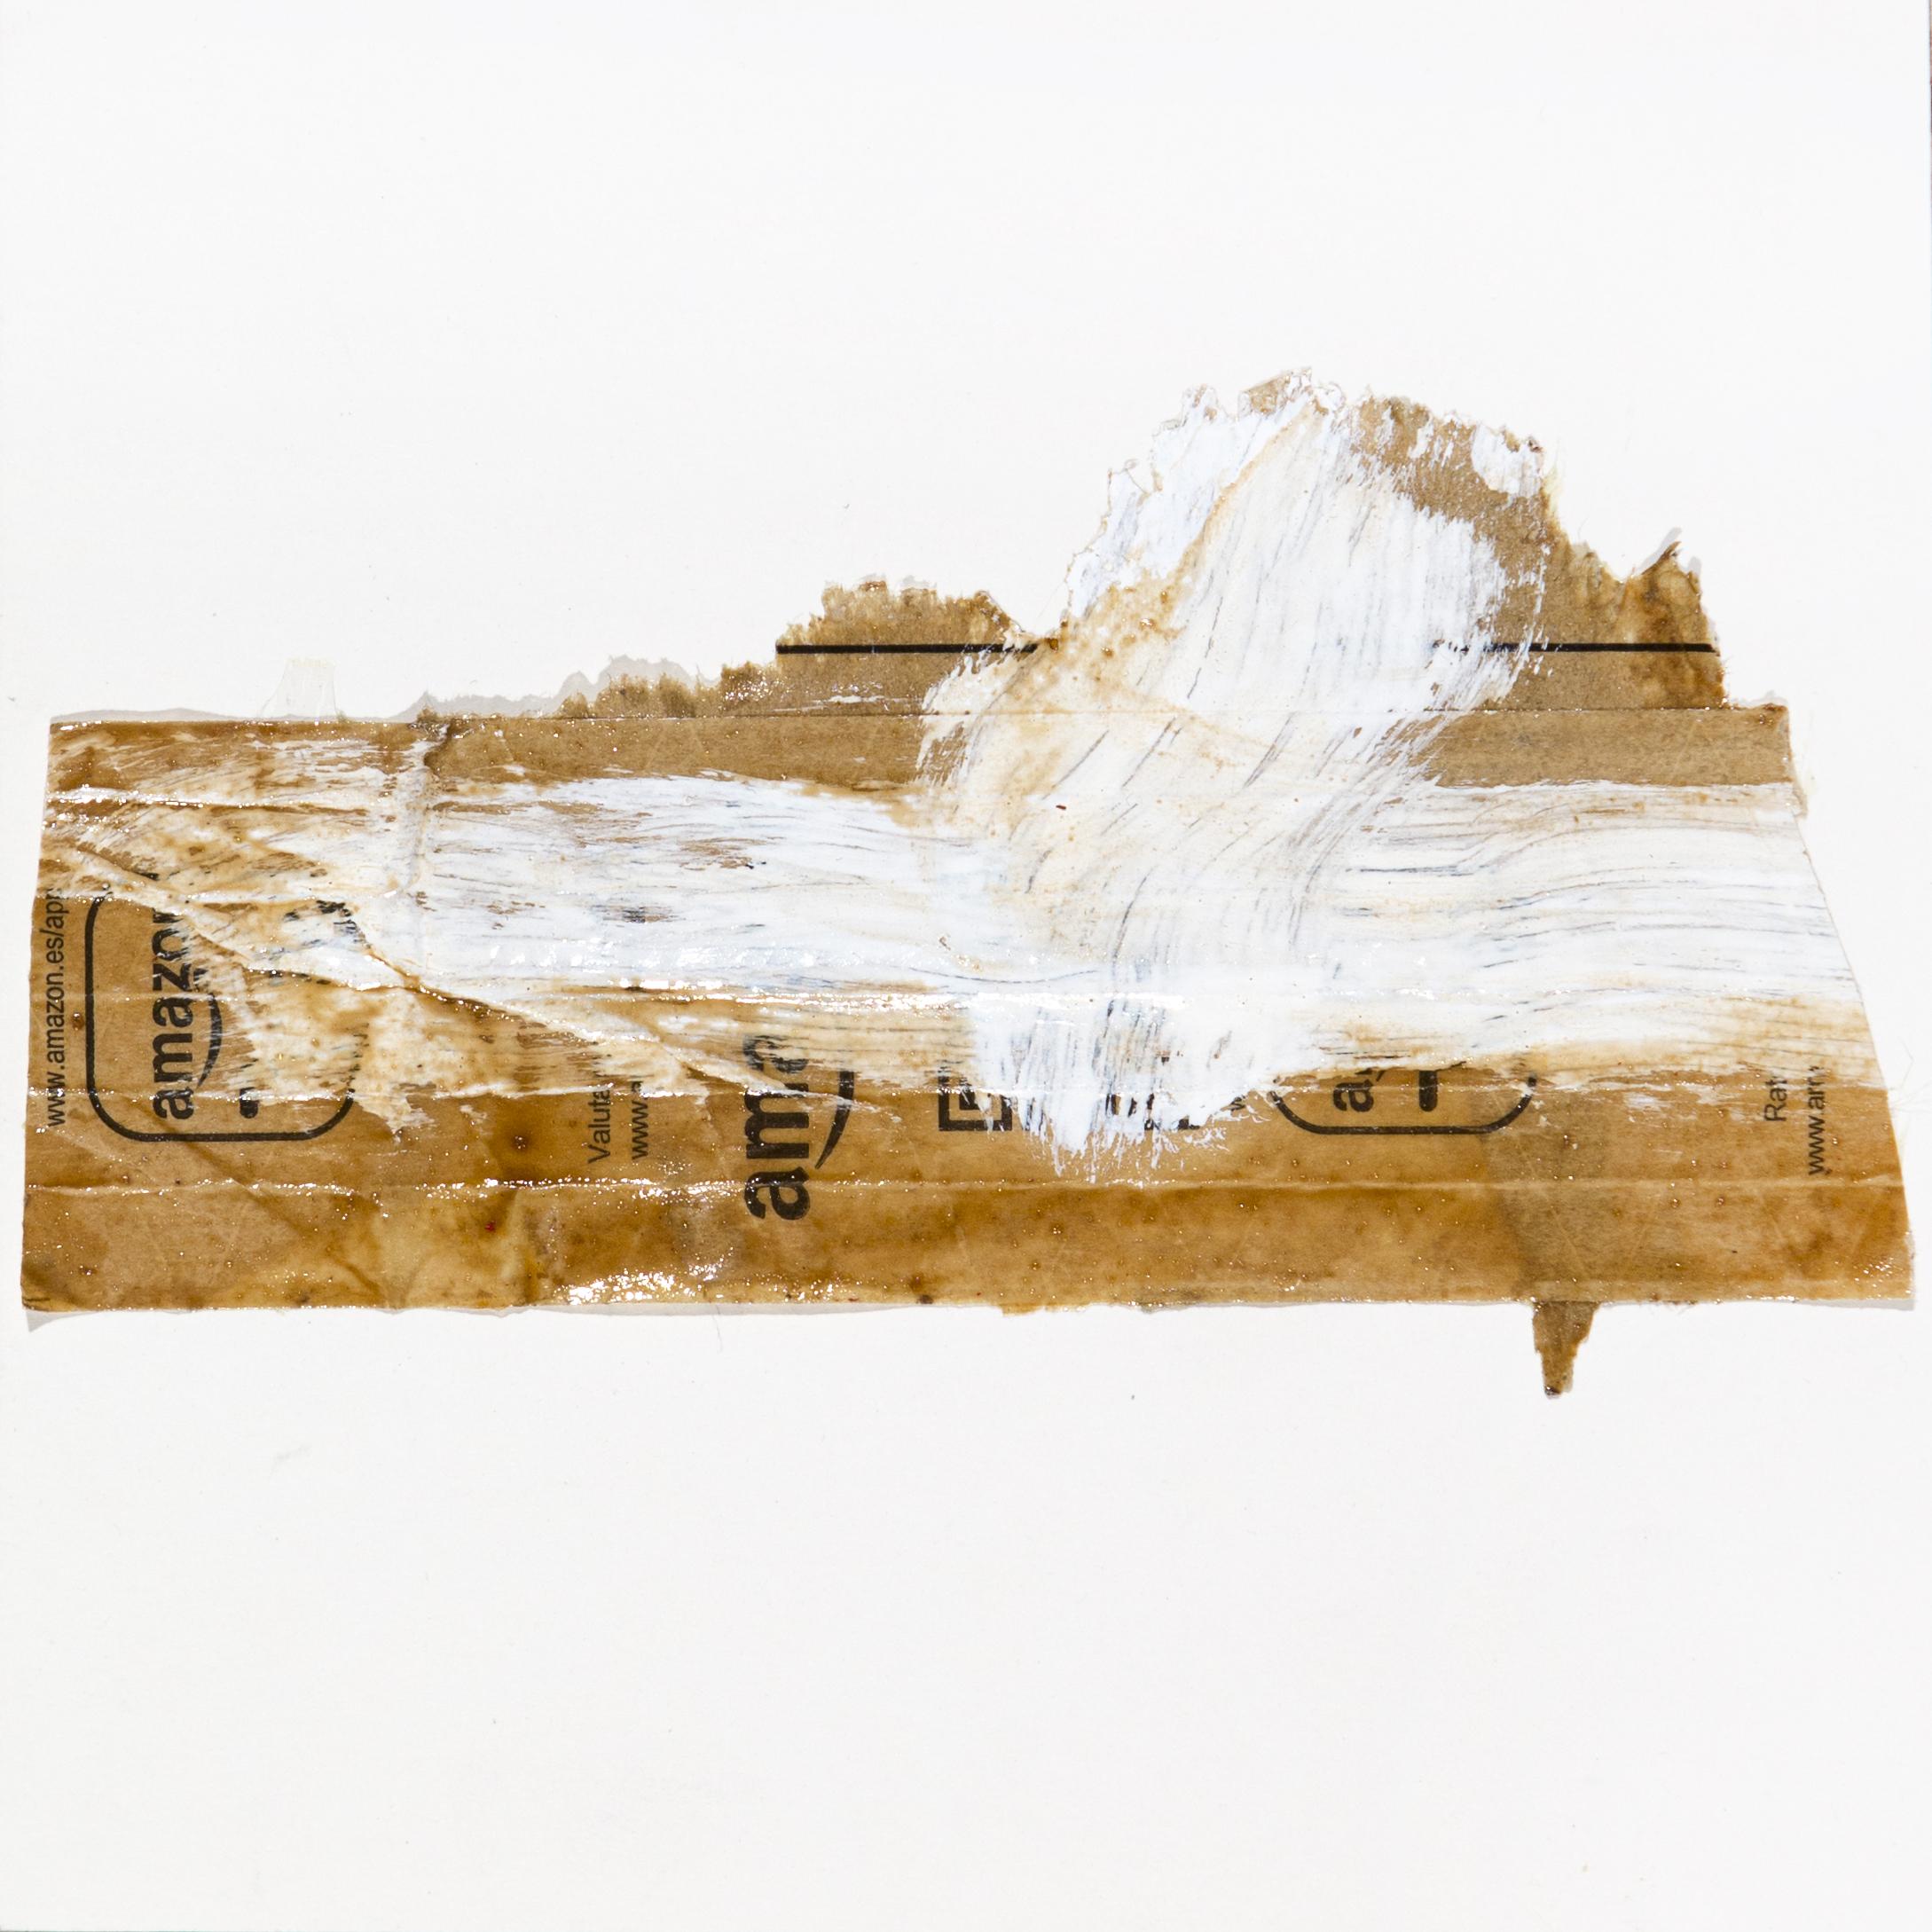 AP Ec 7_4, 2015, tecnica mista, cartone su carta, cm 20 x 20